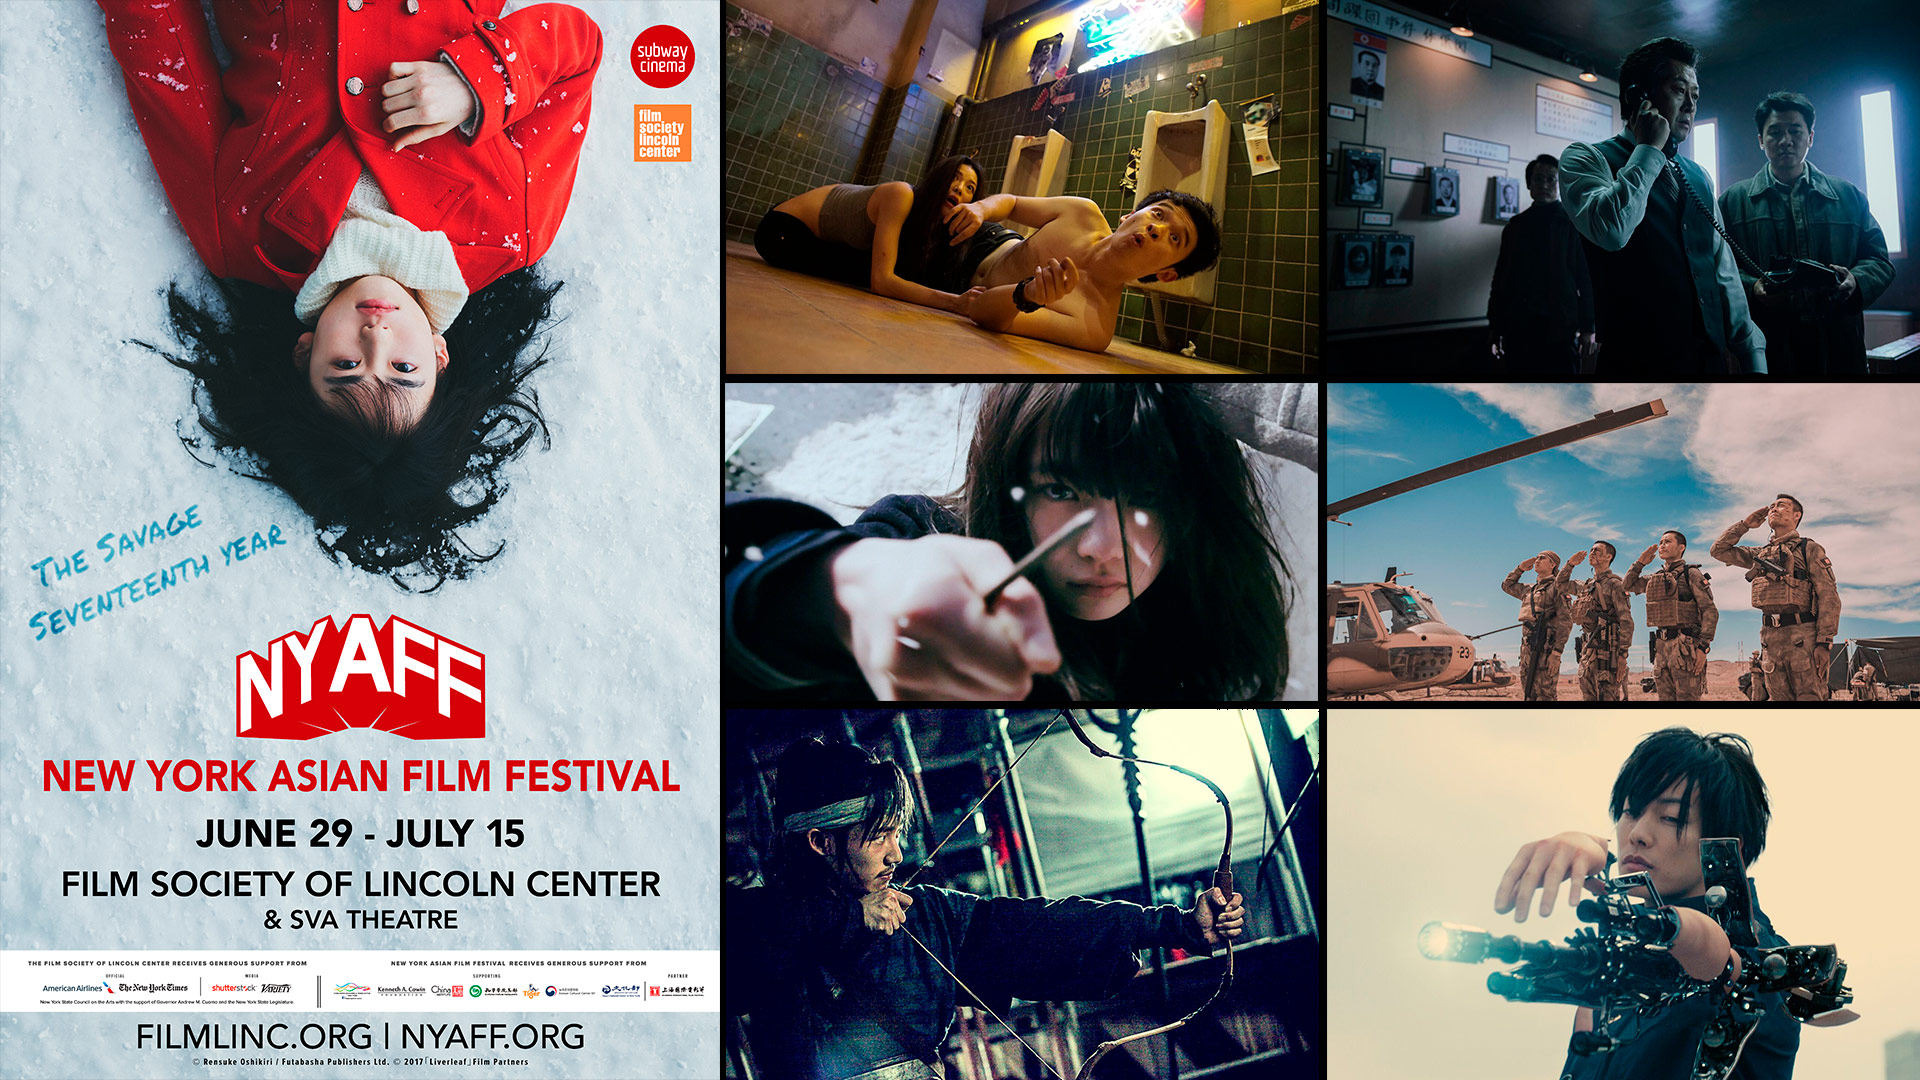 La programmation complète de la 17e édition du New York Asian Film Festival